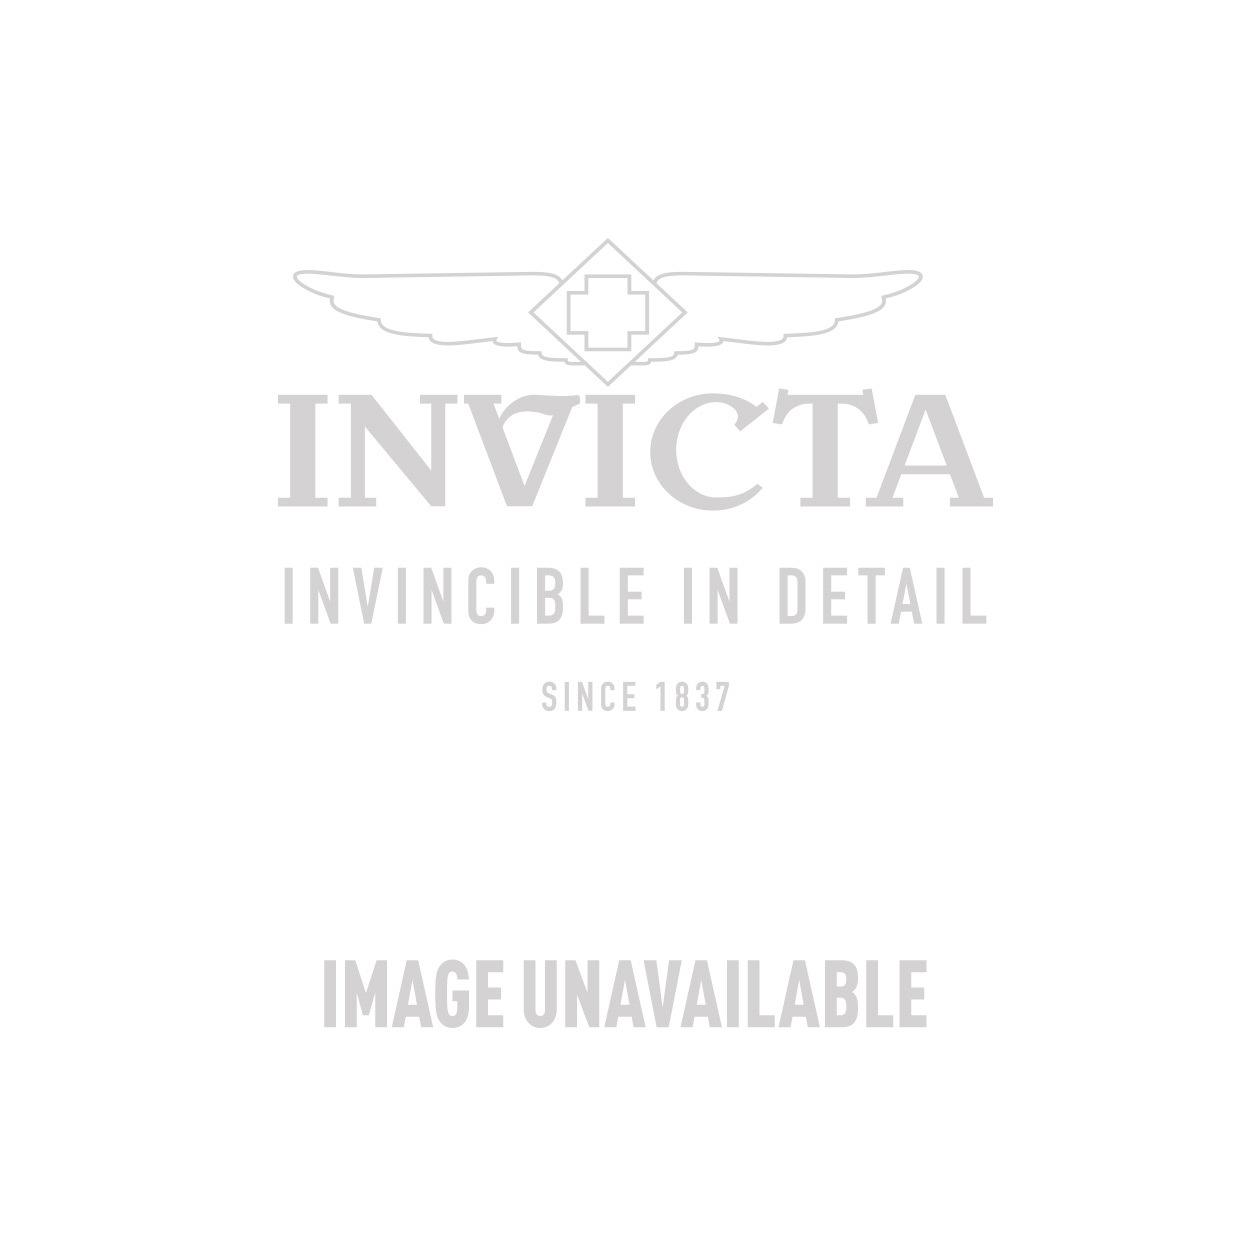 Invicta Model 25500